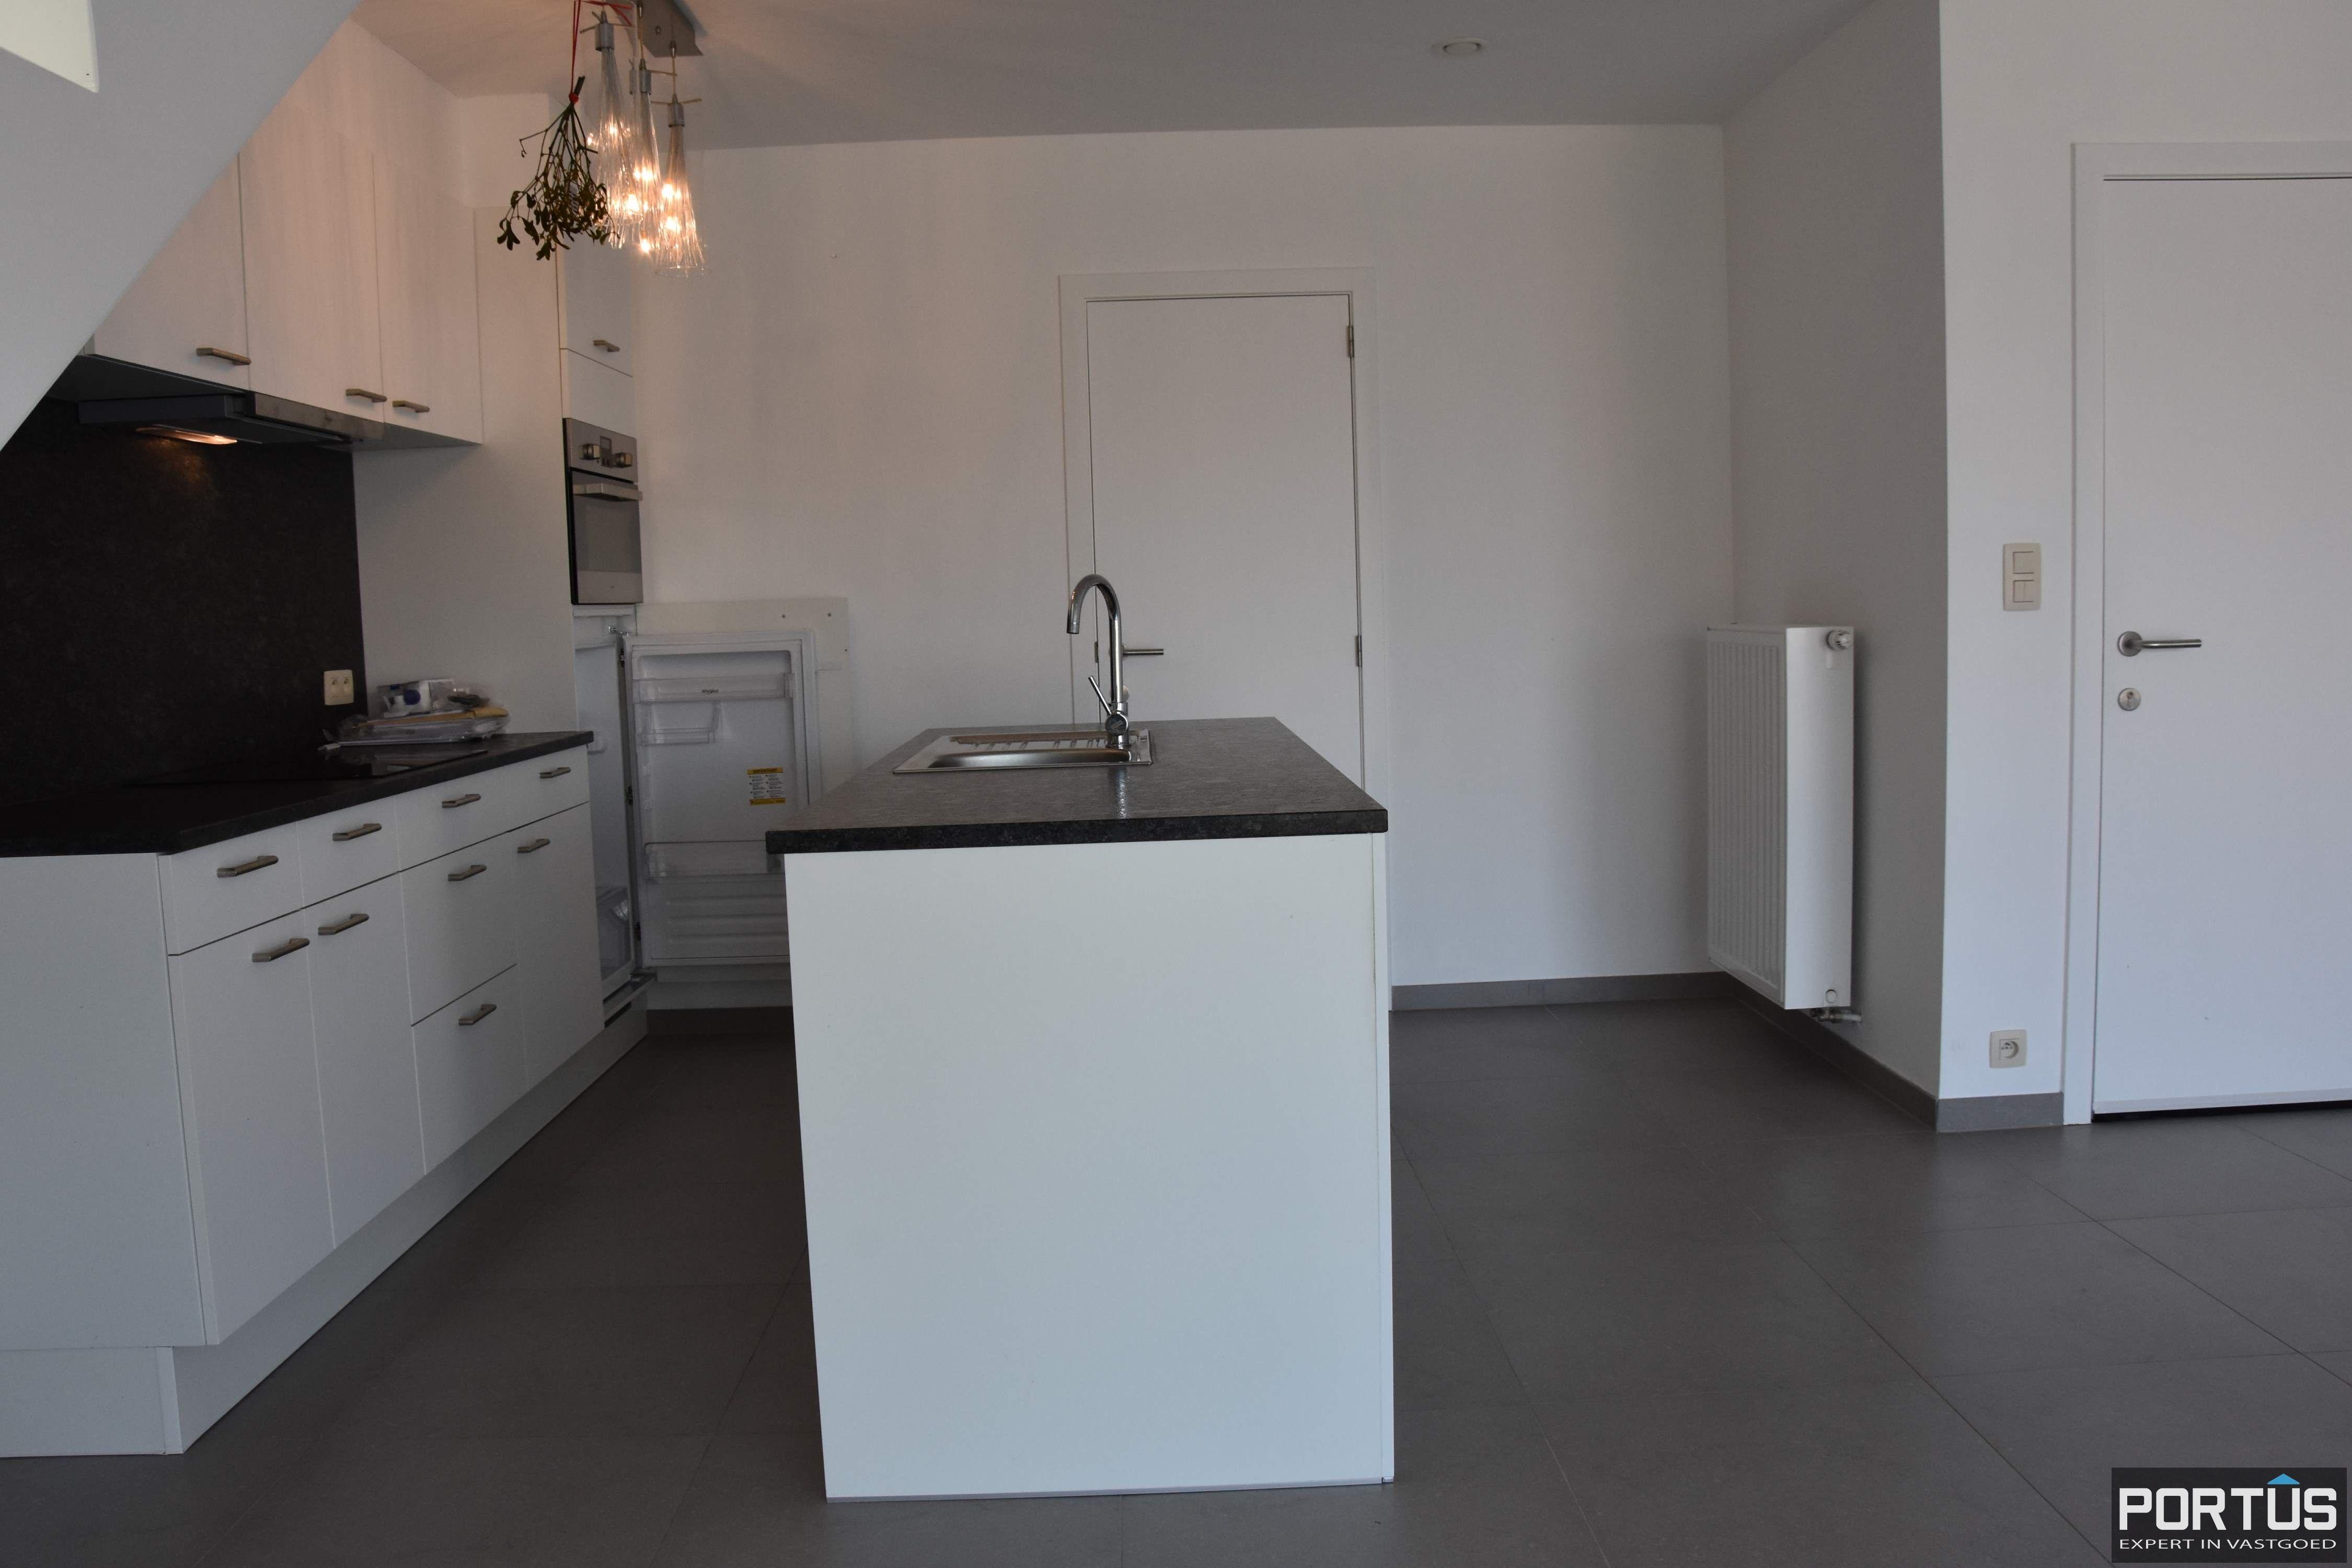 Recent appartement te huur met 3 slaapkamers, kelderberging en parking - 13806